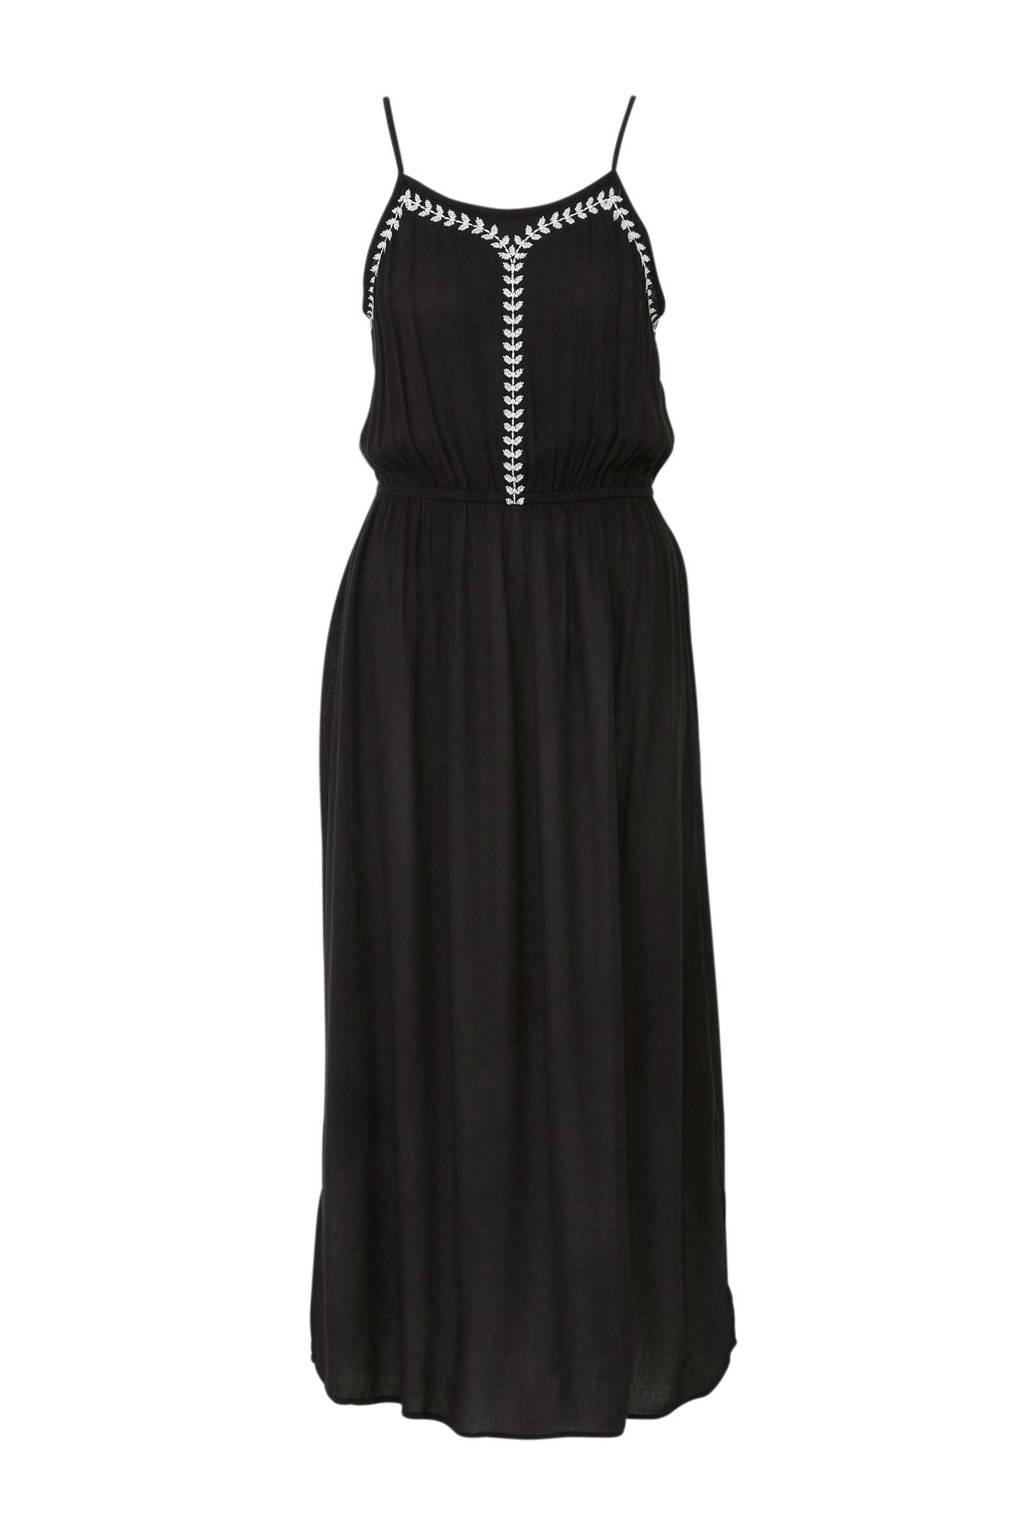 C&A Yessica jurk met borduursel zwart, Zwart